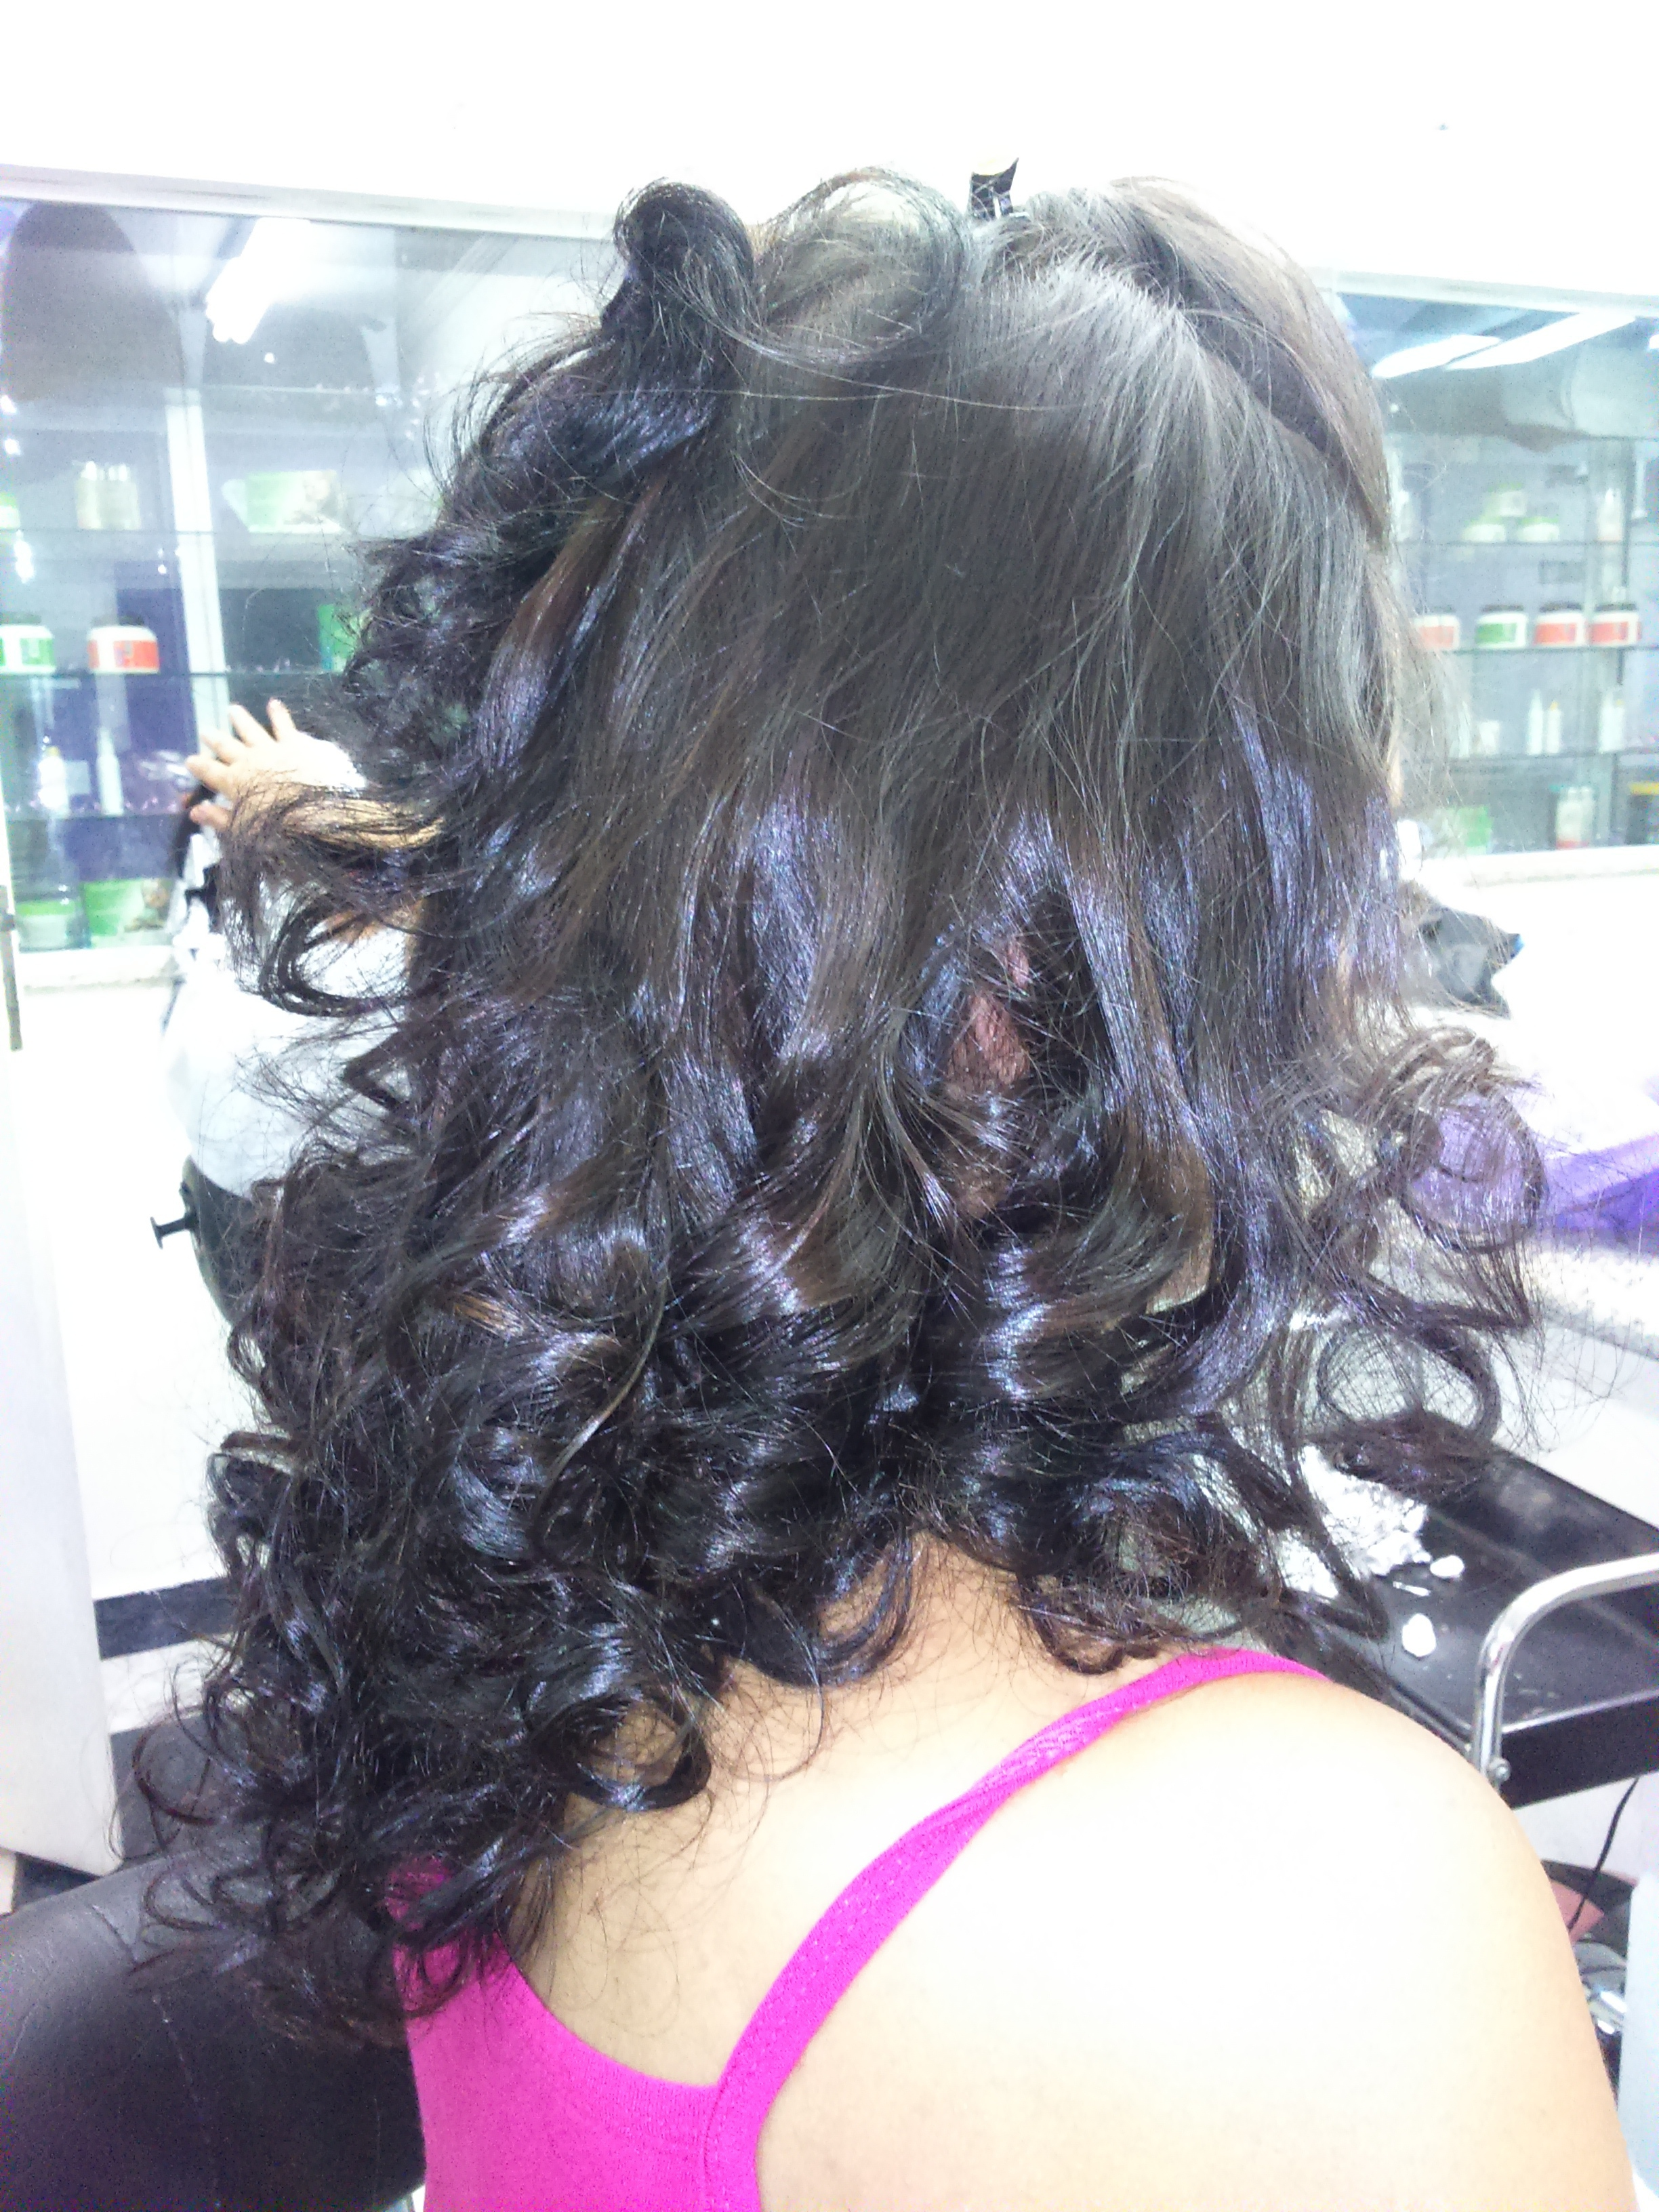 Cachos no papelote, ideal para penteados #cachos #papelote #penteados #escovamodelada cabelo auxiliar cabeleireiro(a) maquiador(a)